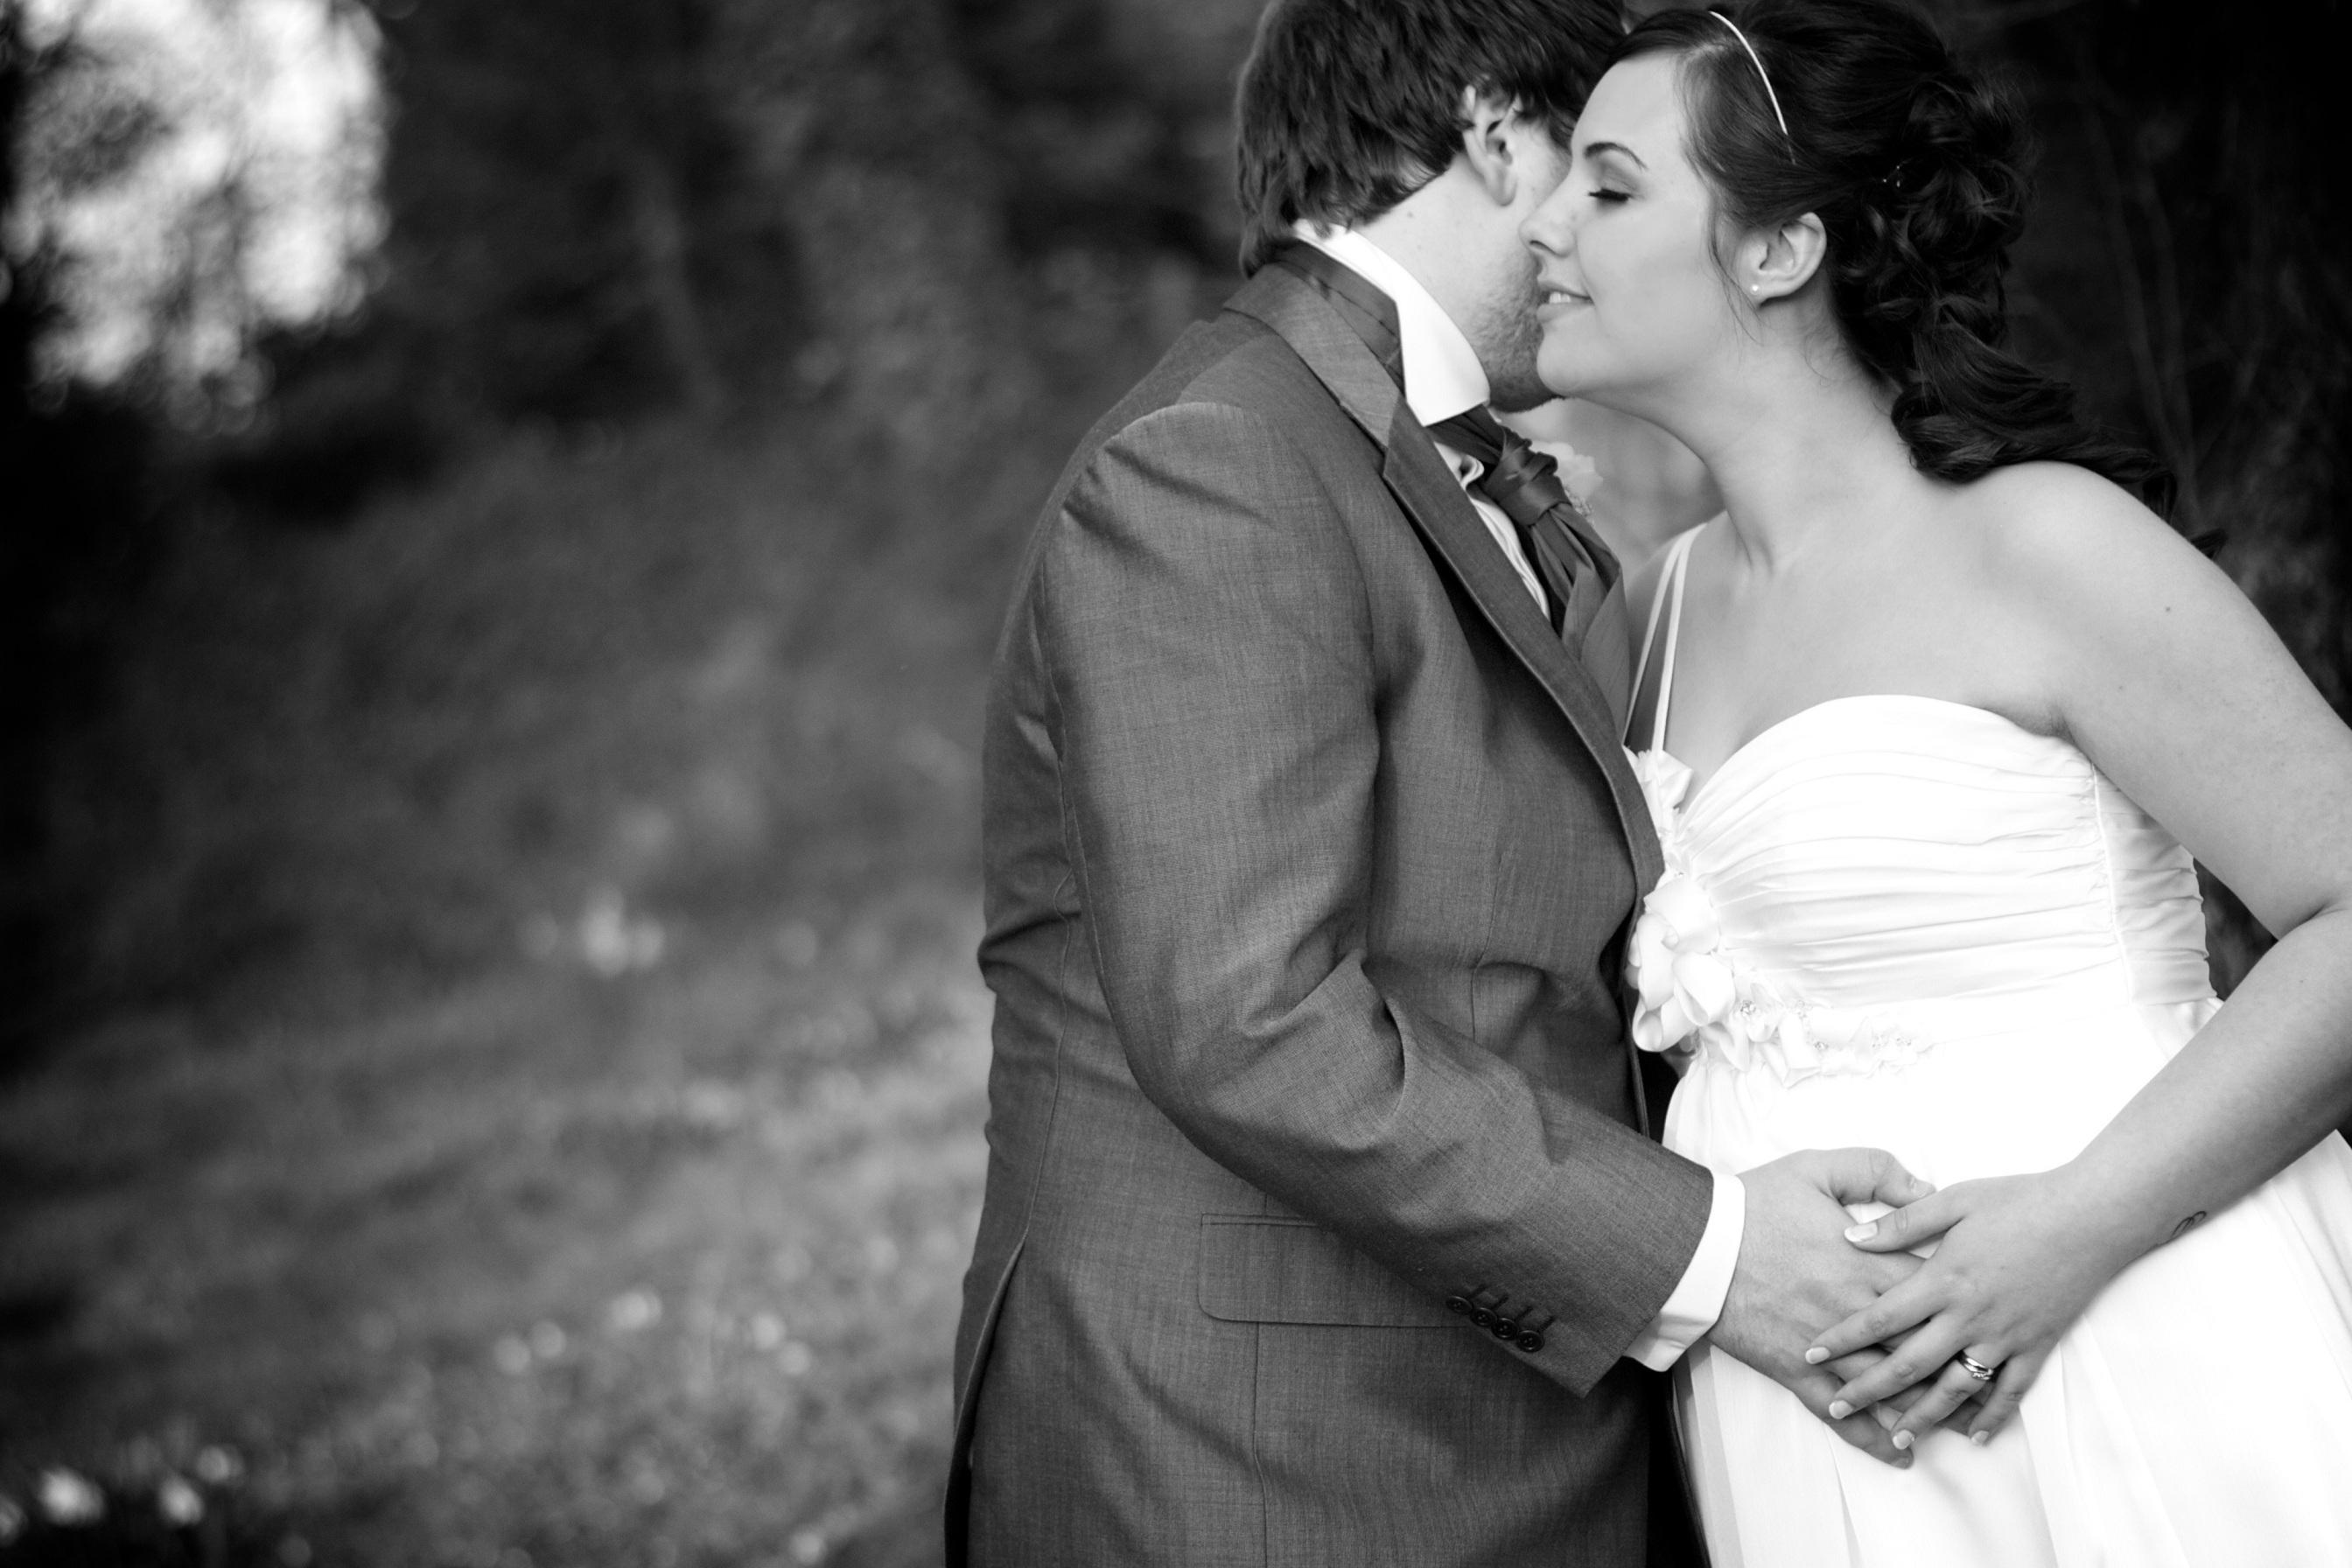 a3b07b4f9db7ef2 Советы беременным невестам из рубрики Для беременных невест - Все об ...